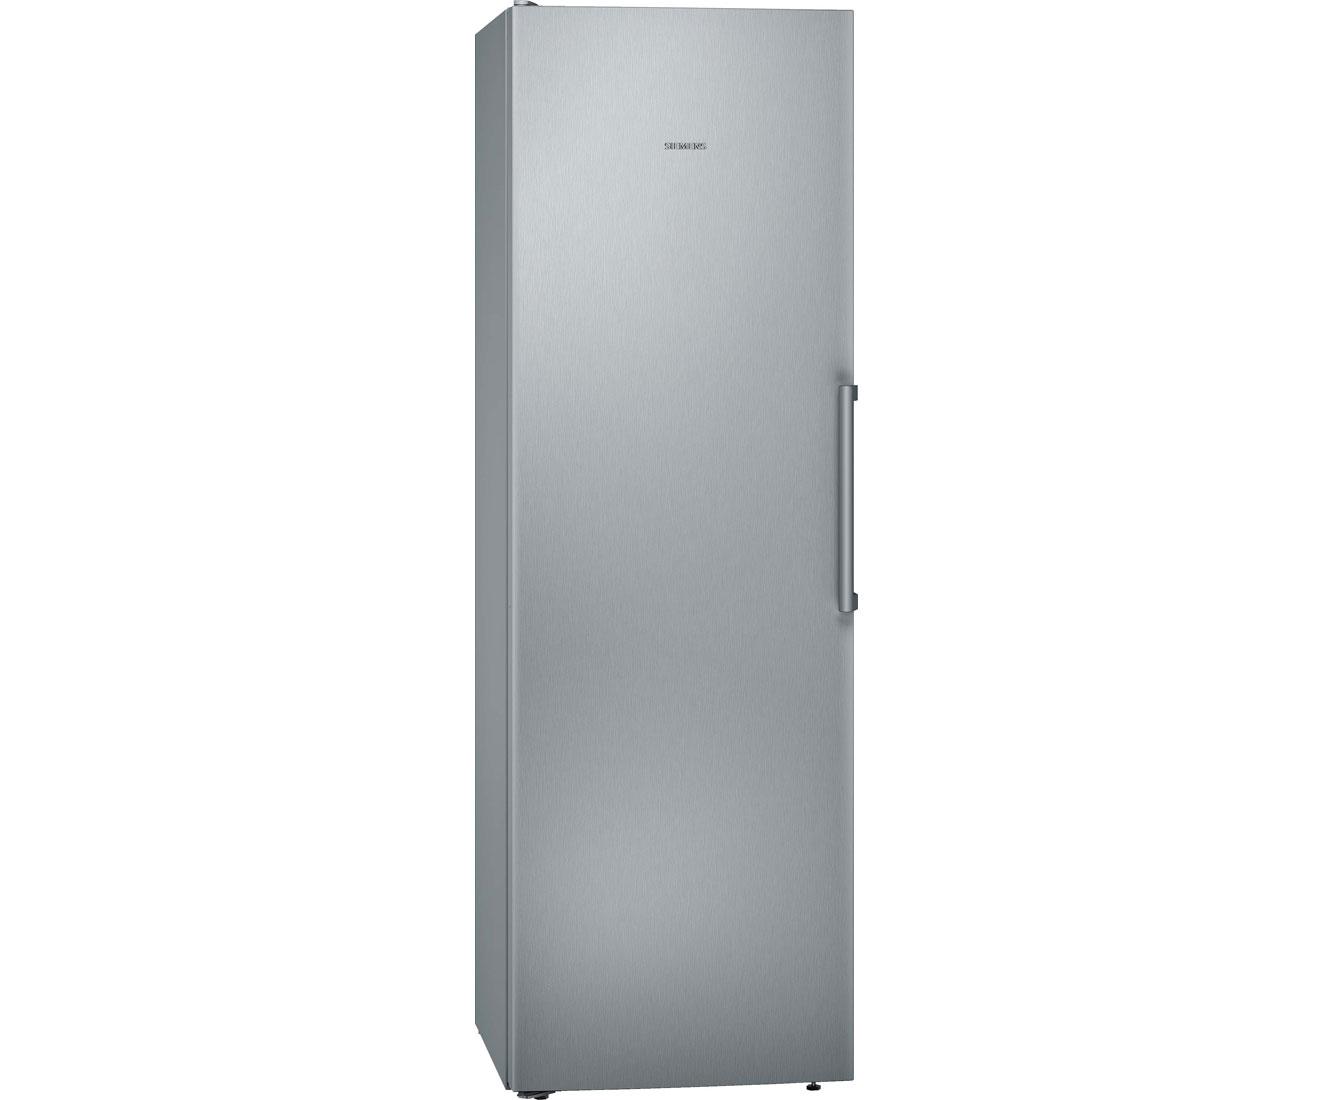 Bomann Kühlschrank Liegend Transportieren : Gorenje kühlschrank liegend transportieren den kühlschrank